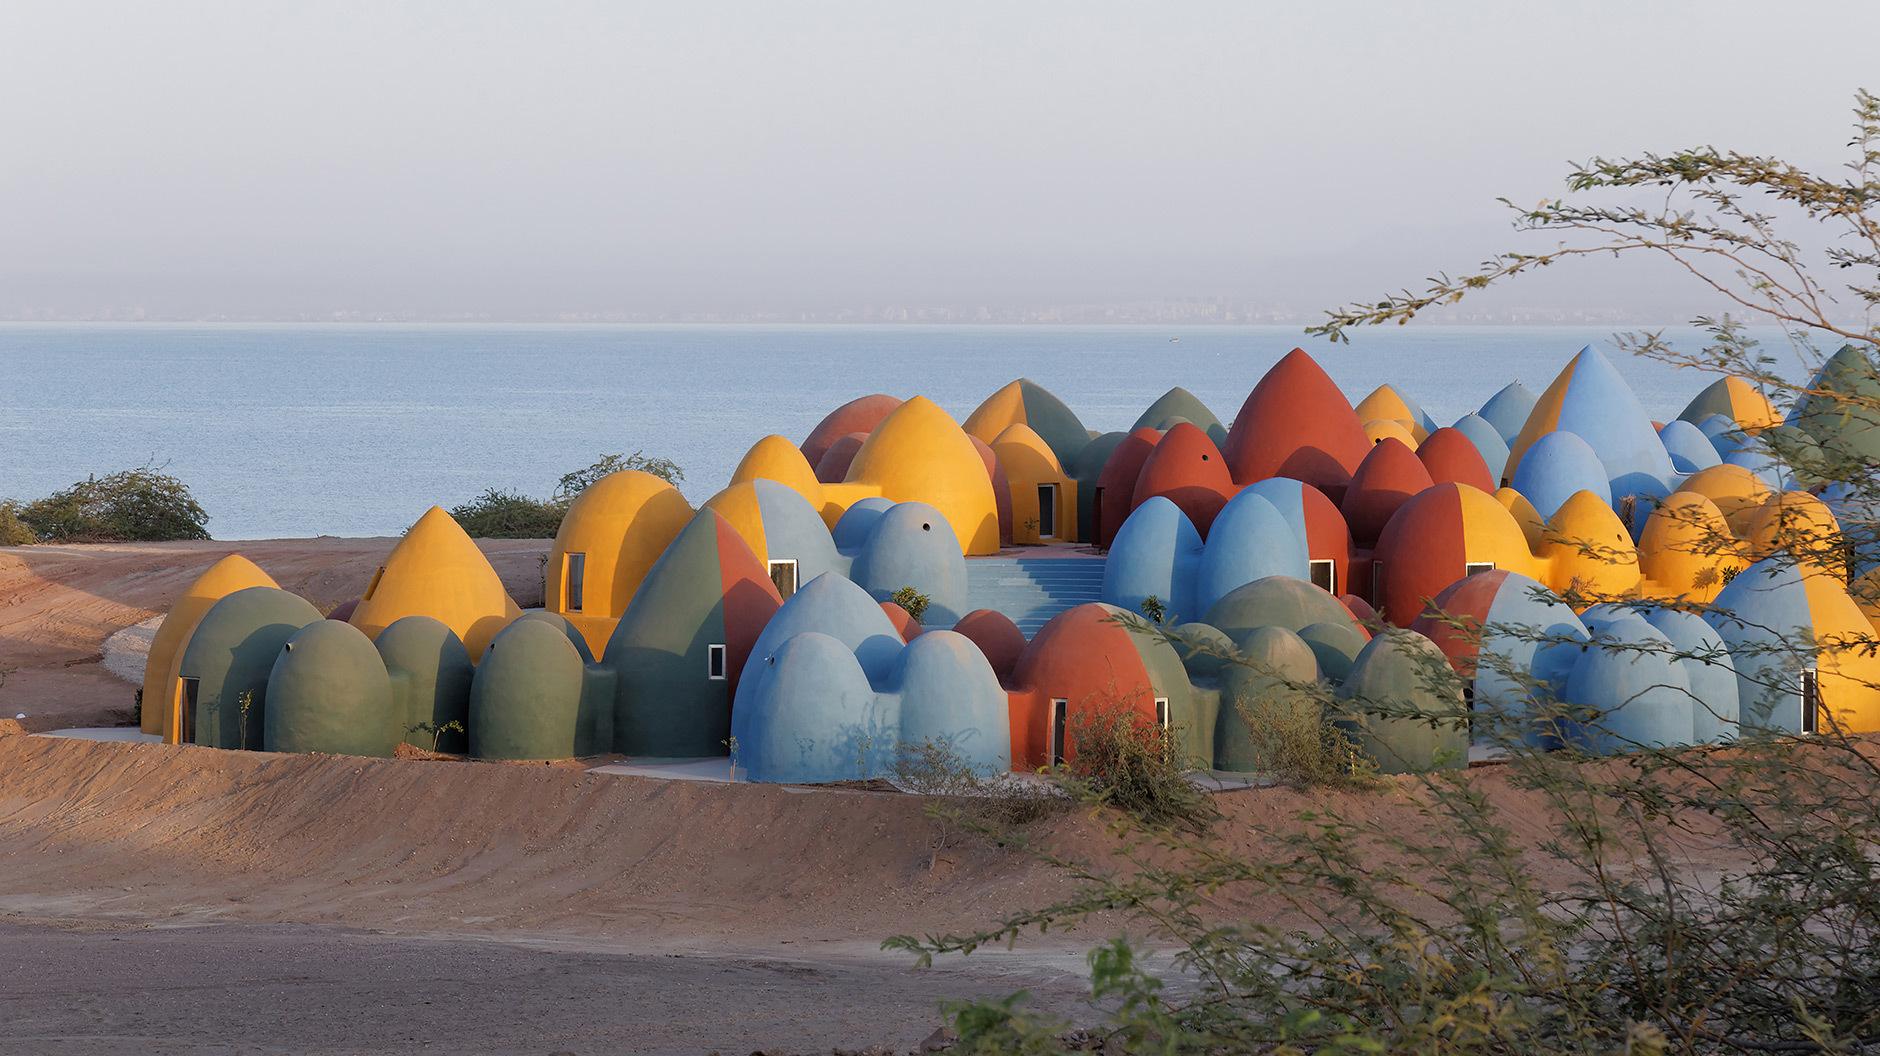 Insel Kunterbunt: Im persischen Golf erheben sich Kuppel-Formationen vor bizarren Felsen. Wo früher der Handel blühte, wird jetzt in vernakulärer Architektur Urlaub gemacht. Foto: ©Soroush Majidi